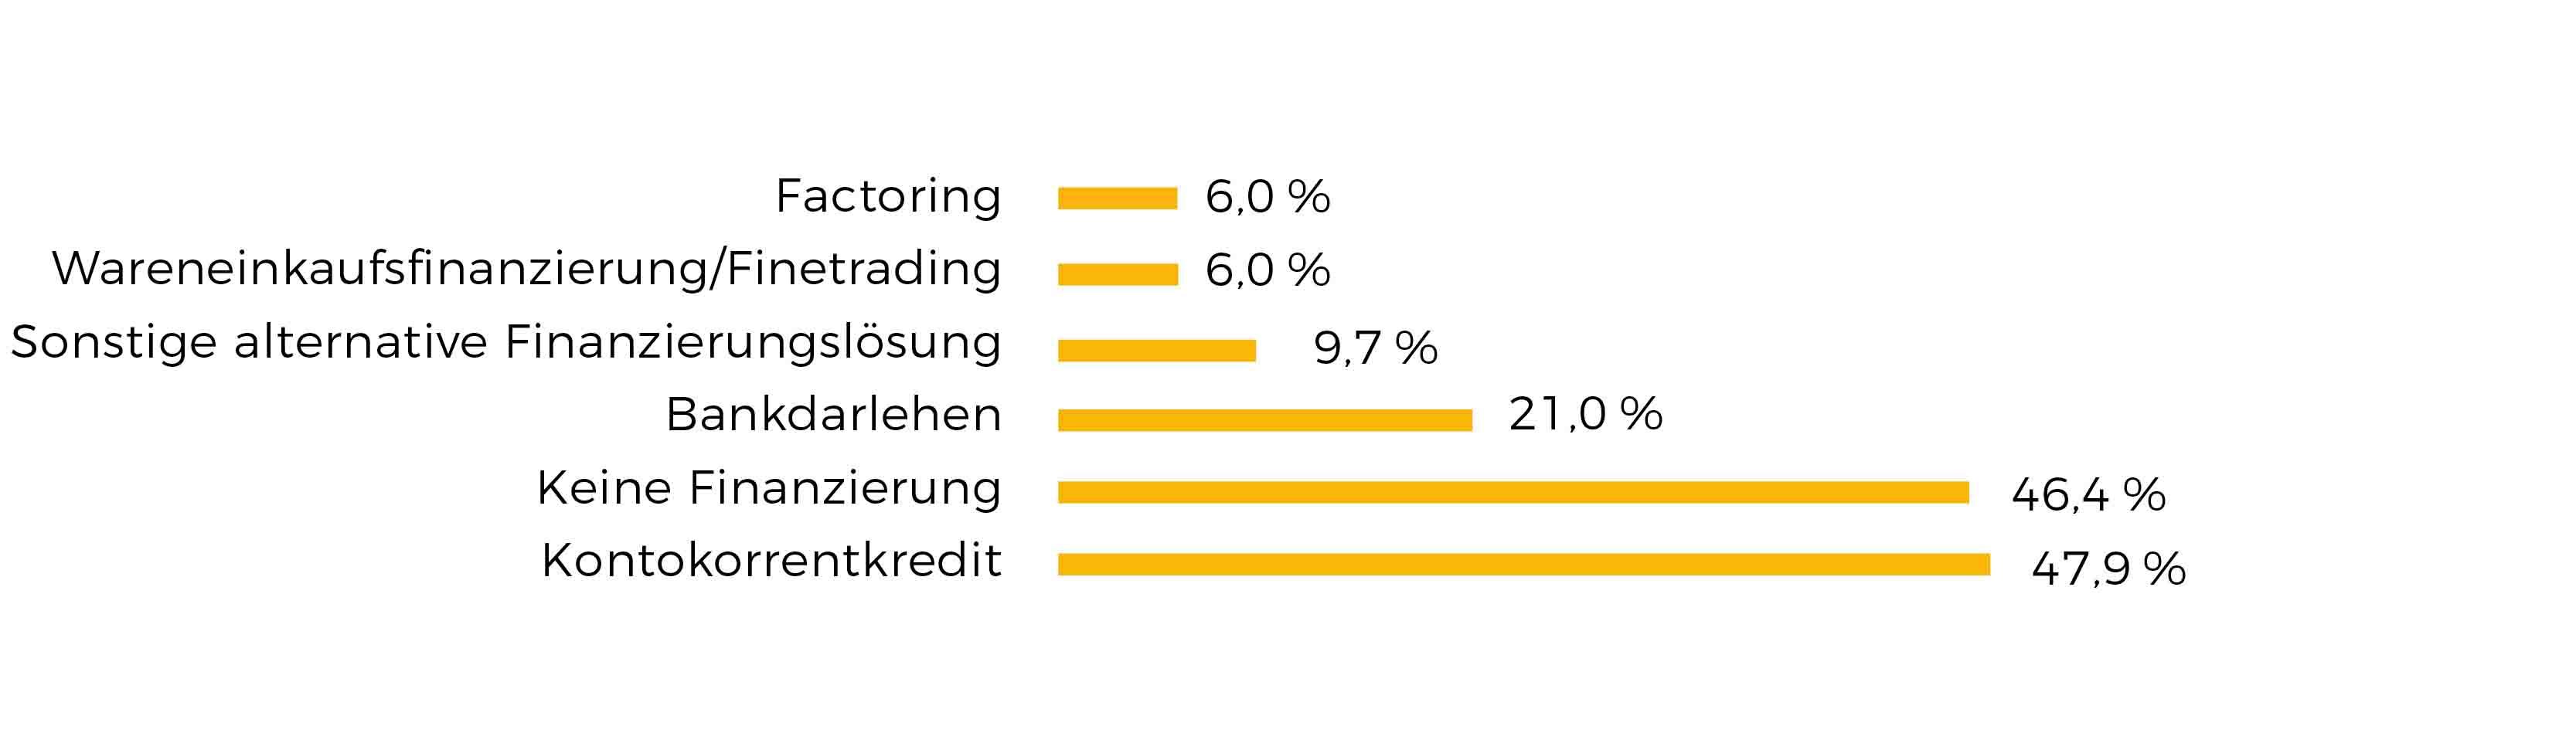 Grafik Mittelstandsfinanzierung Instrumente